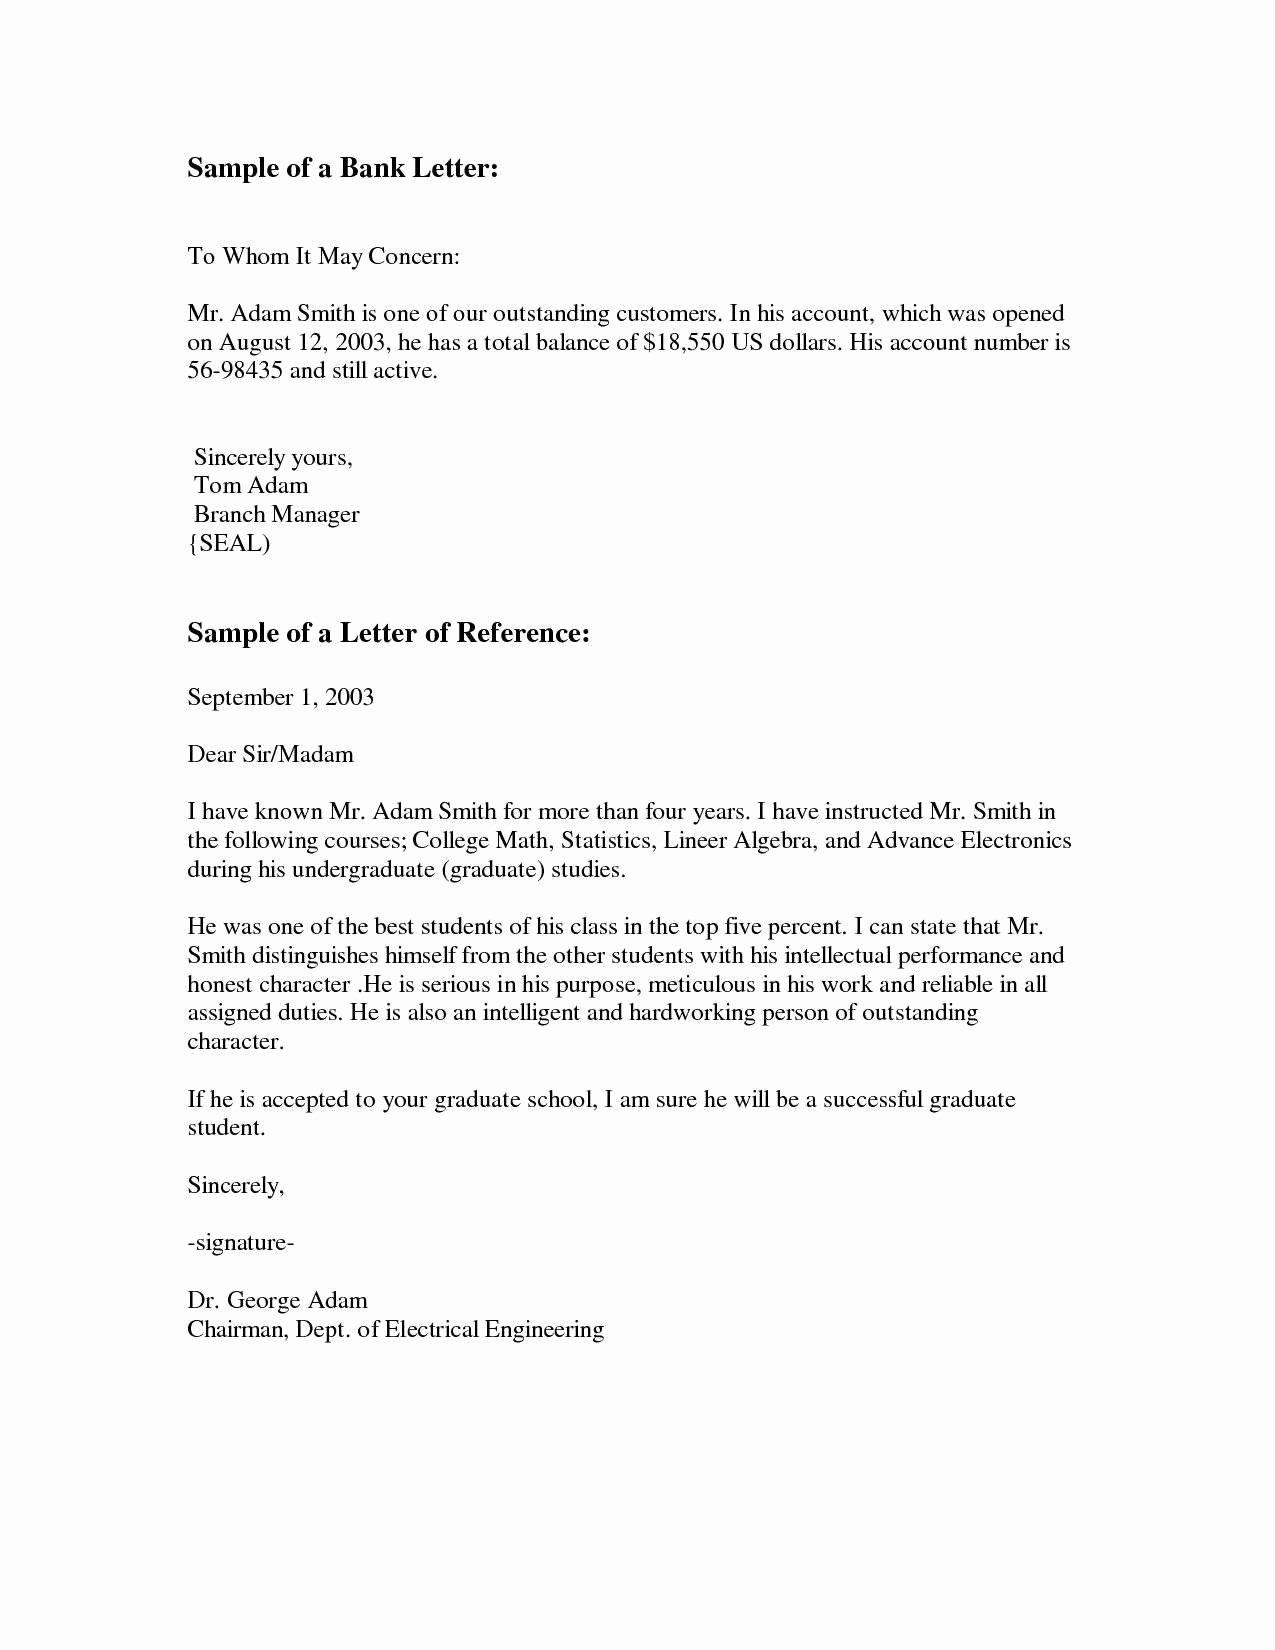 Nursing Letter Of Intent Fresh New Sample Letter Intent for Nurse Training